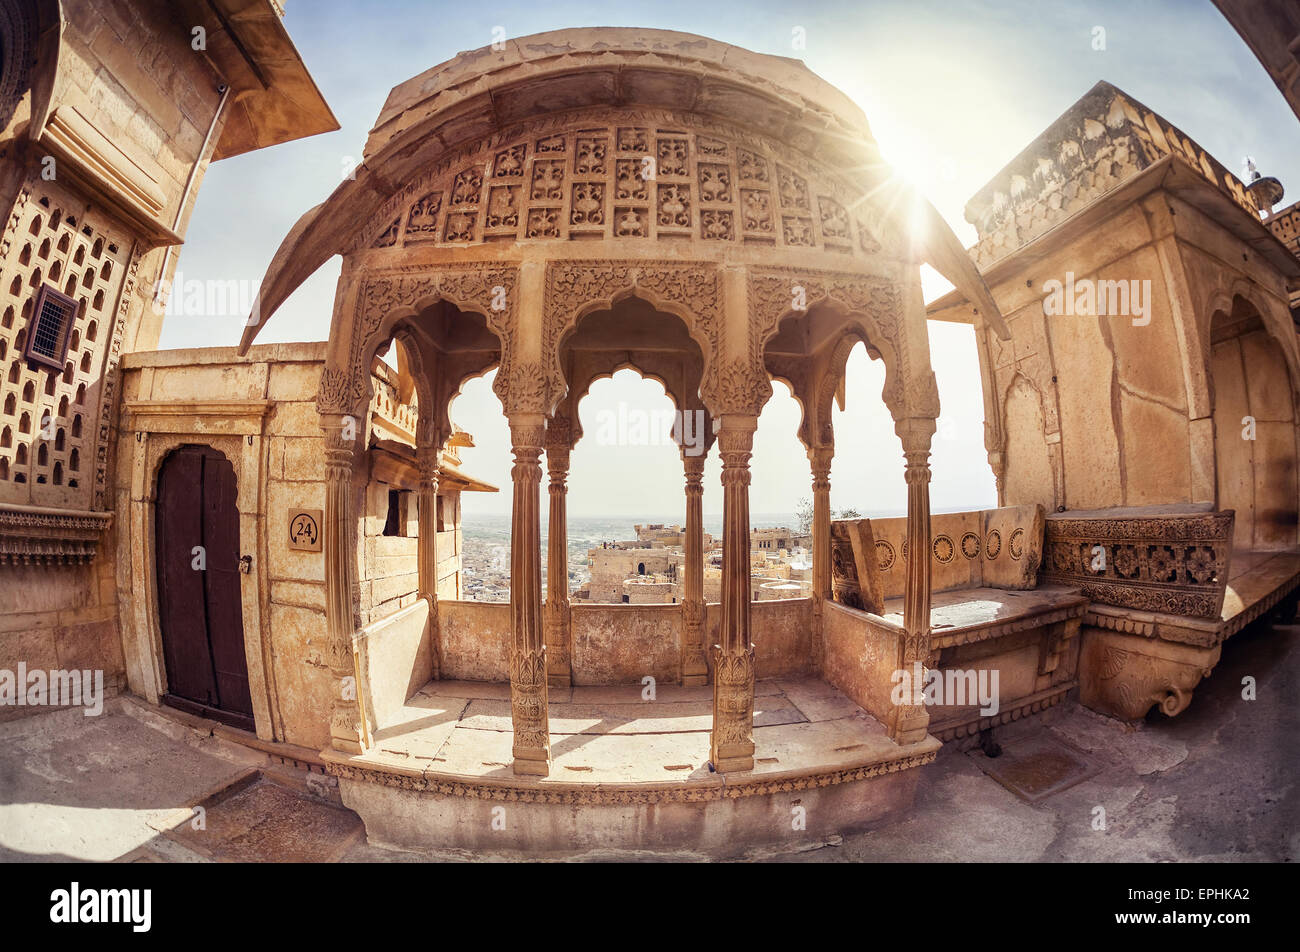 Zenana Mahal en el museo del Palacio de la ciudad de Jaisalmer fort, Rajasthan, India Imagen De Stock